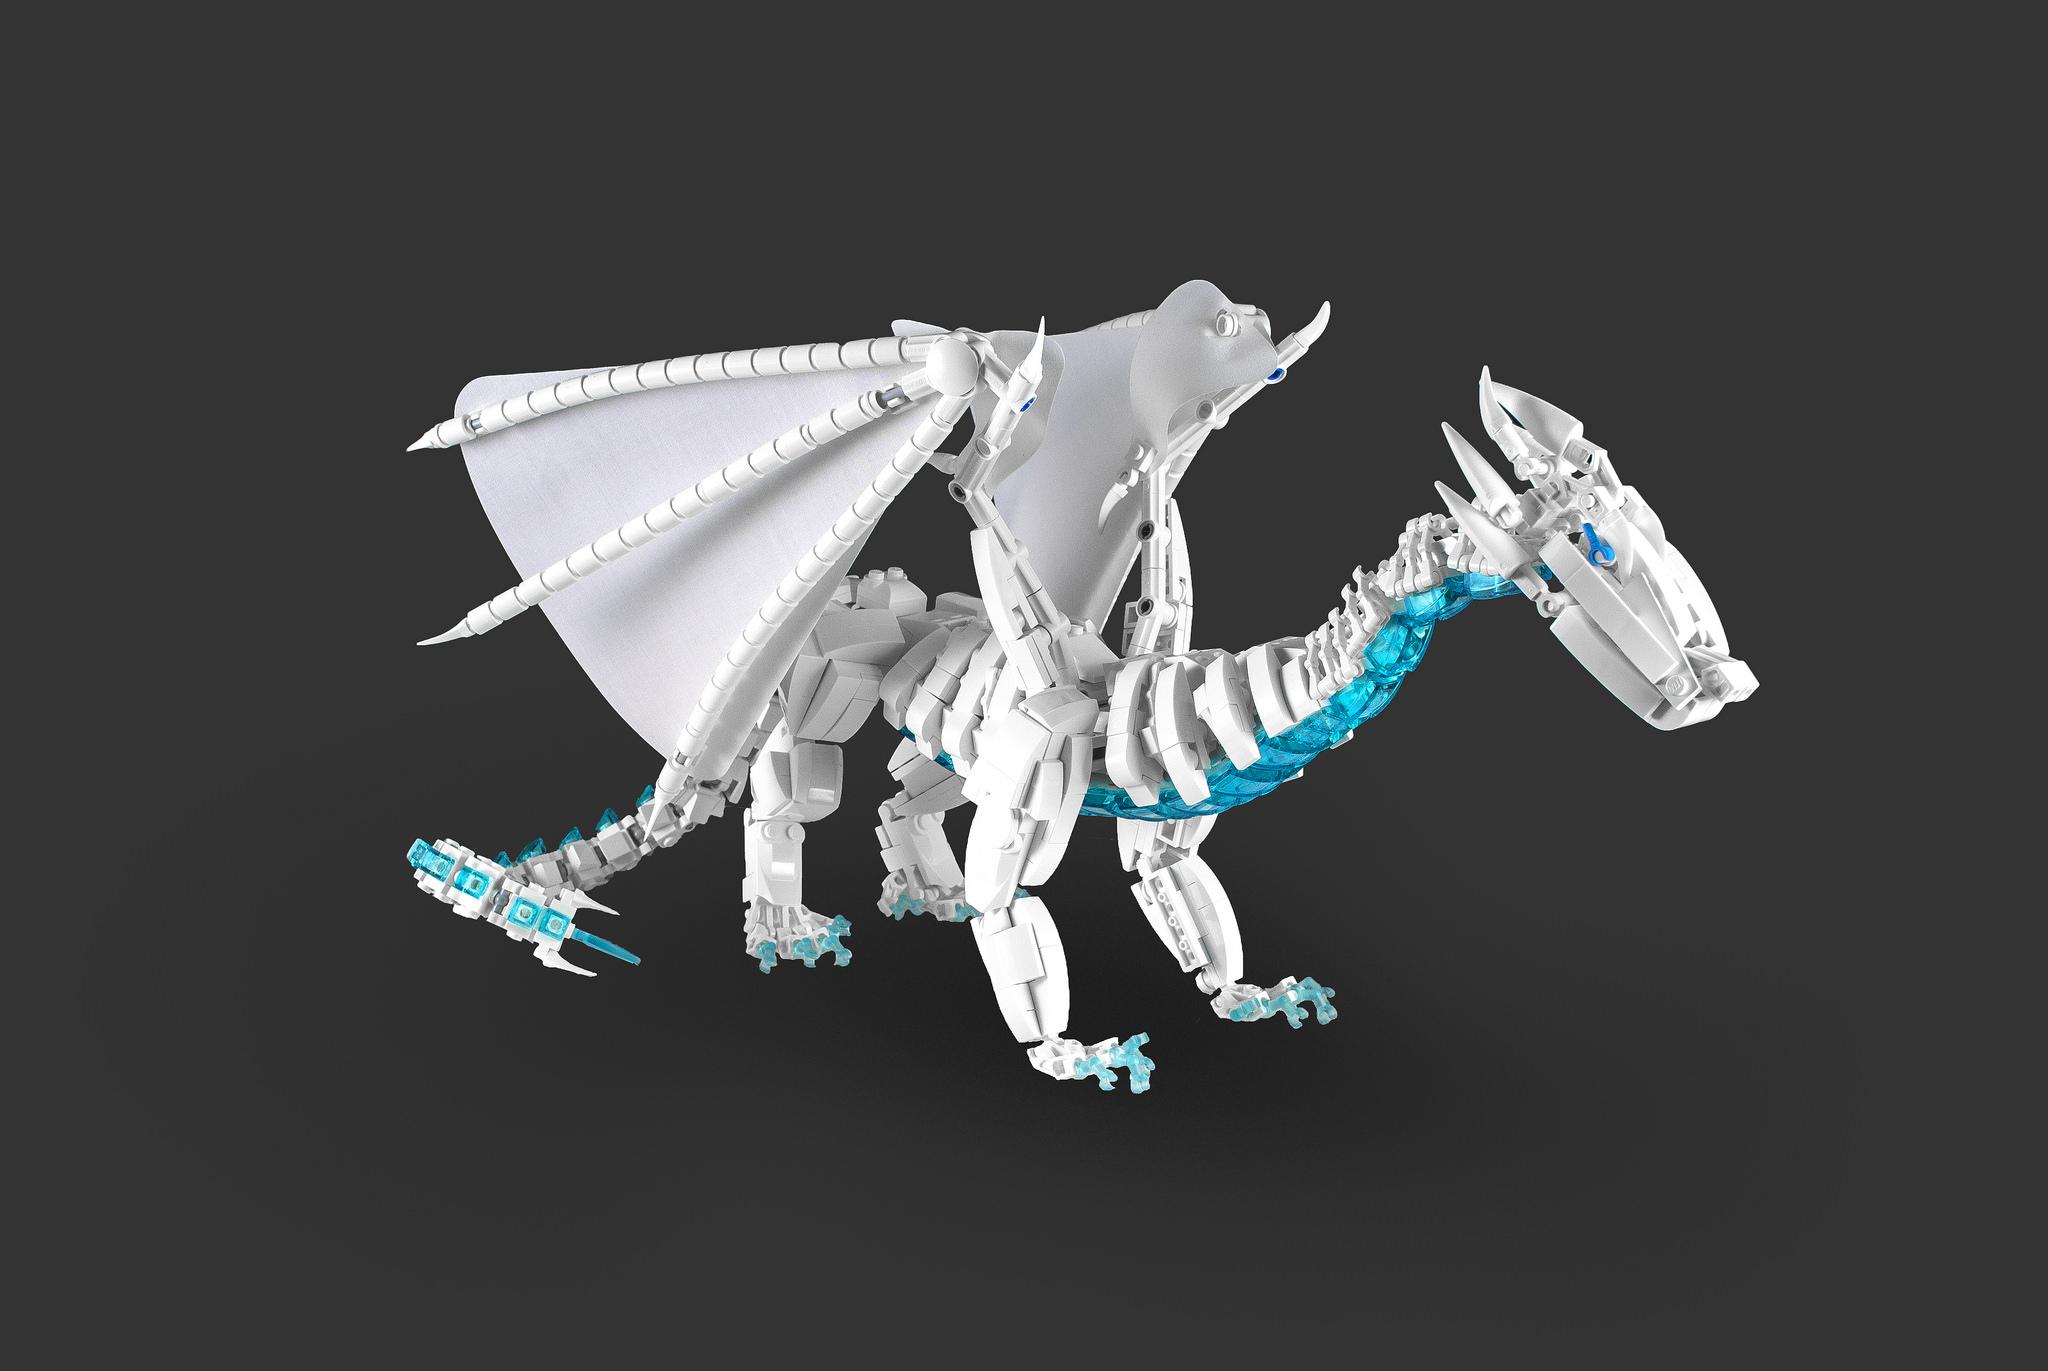 ice dragon lego